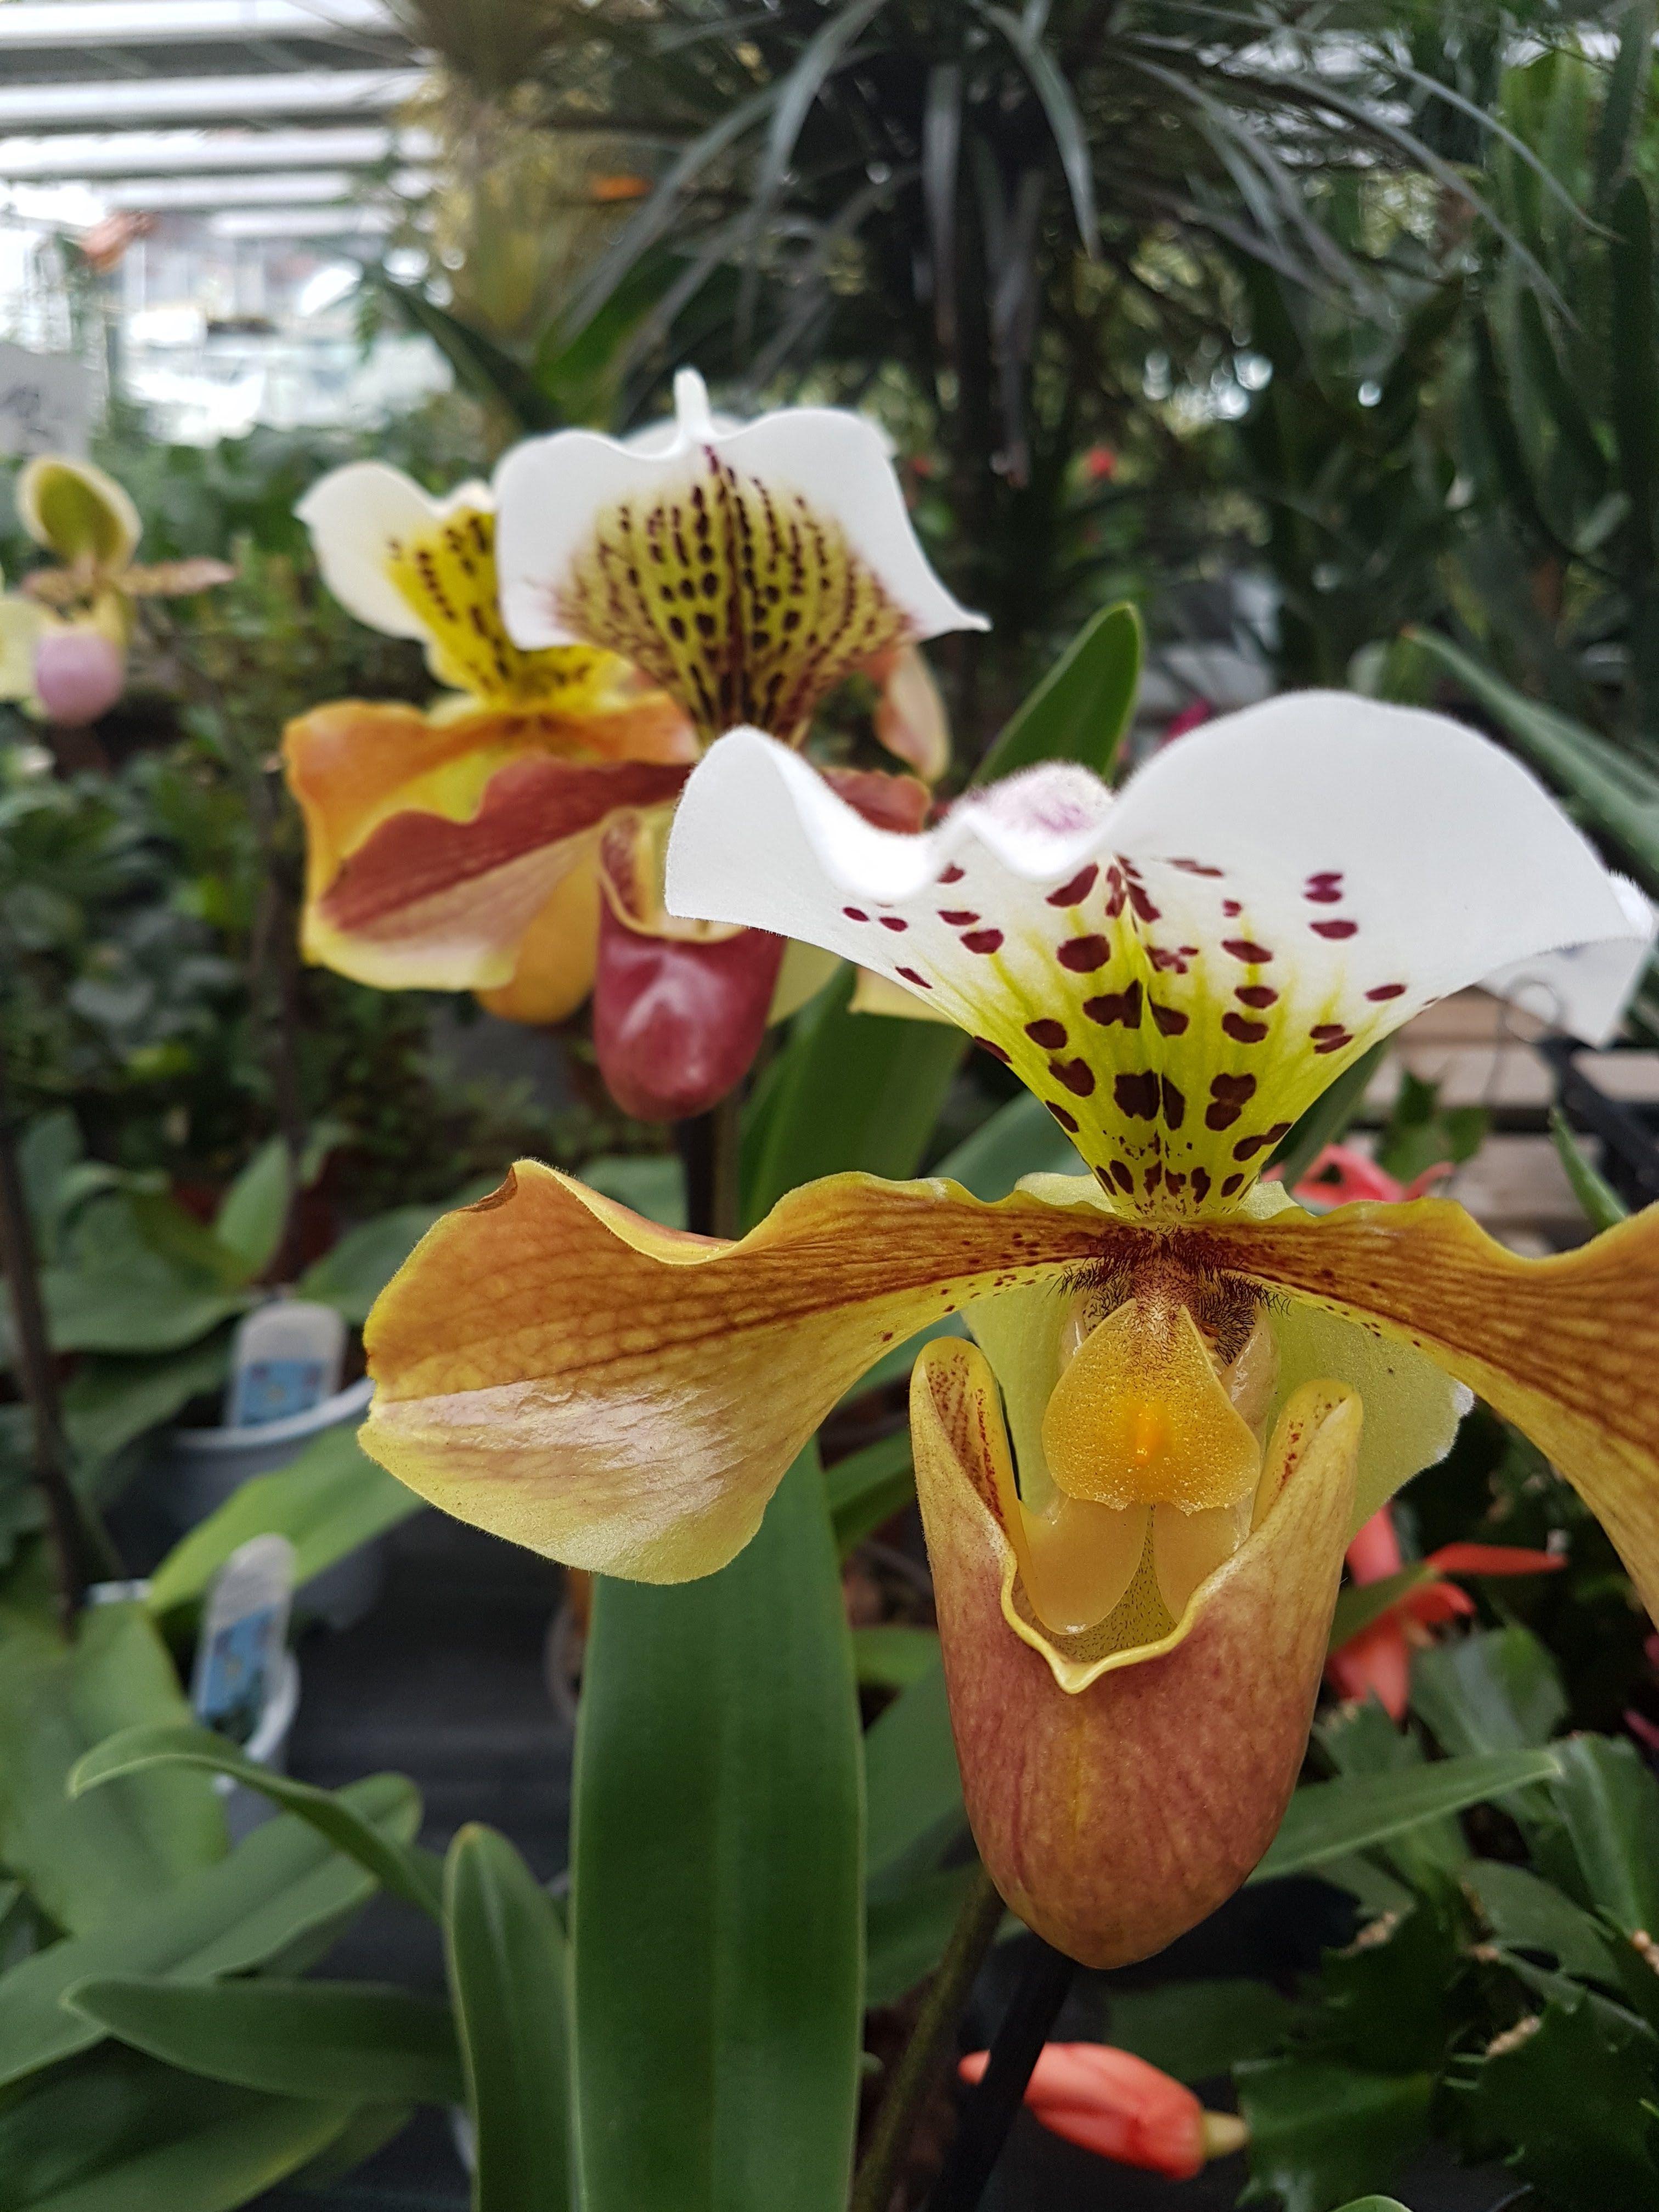 Frauenschuh Orchidee Orchideen Orchideen Frauenschuh Orchidee